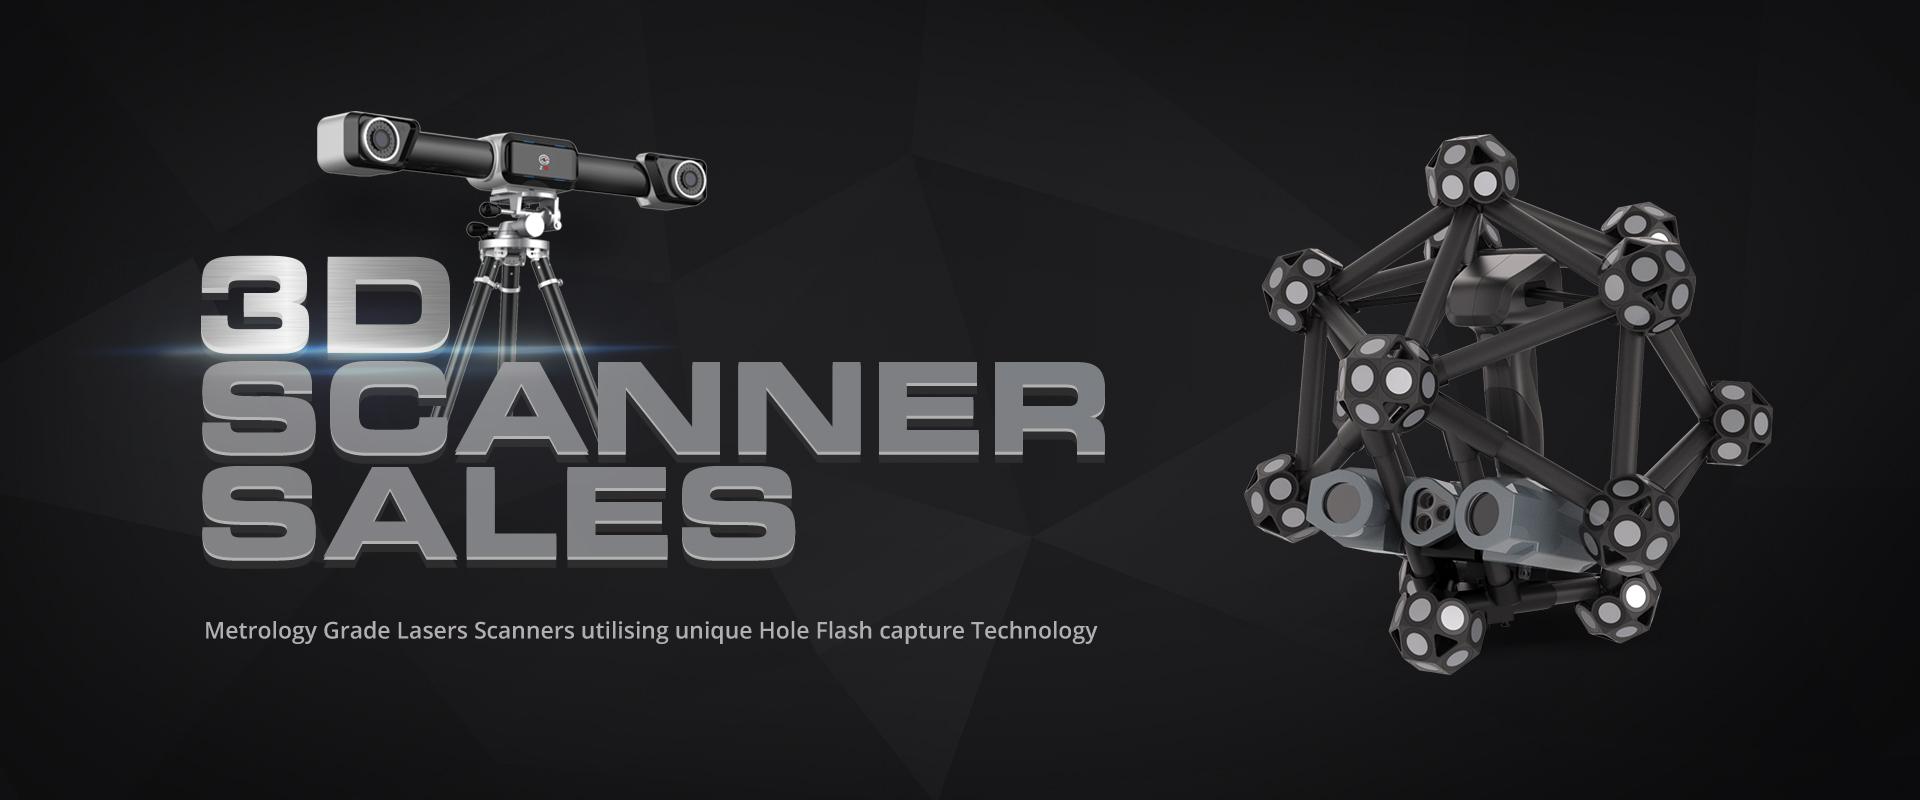 3D Scanner System Sales